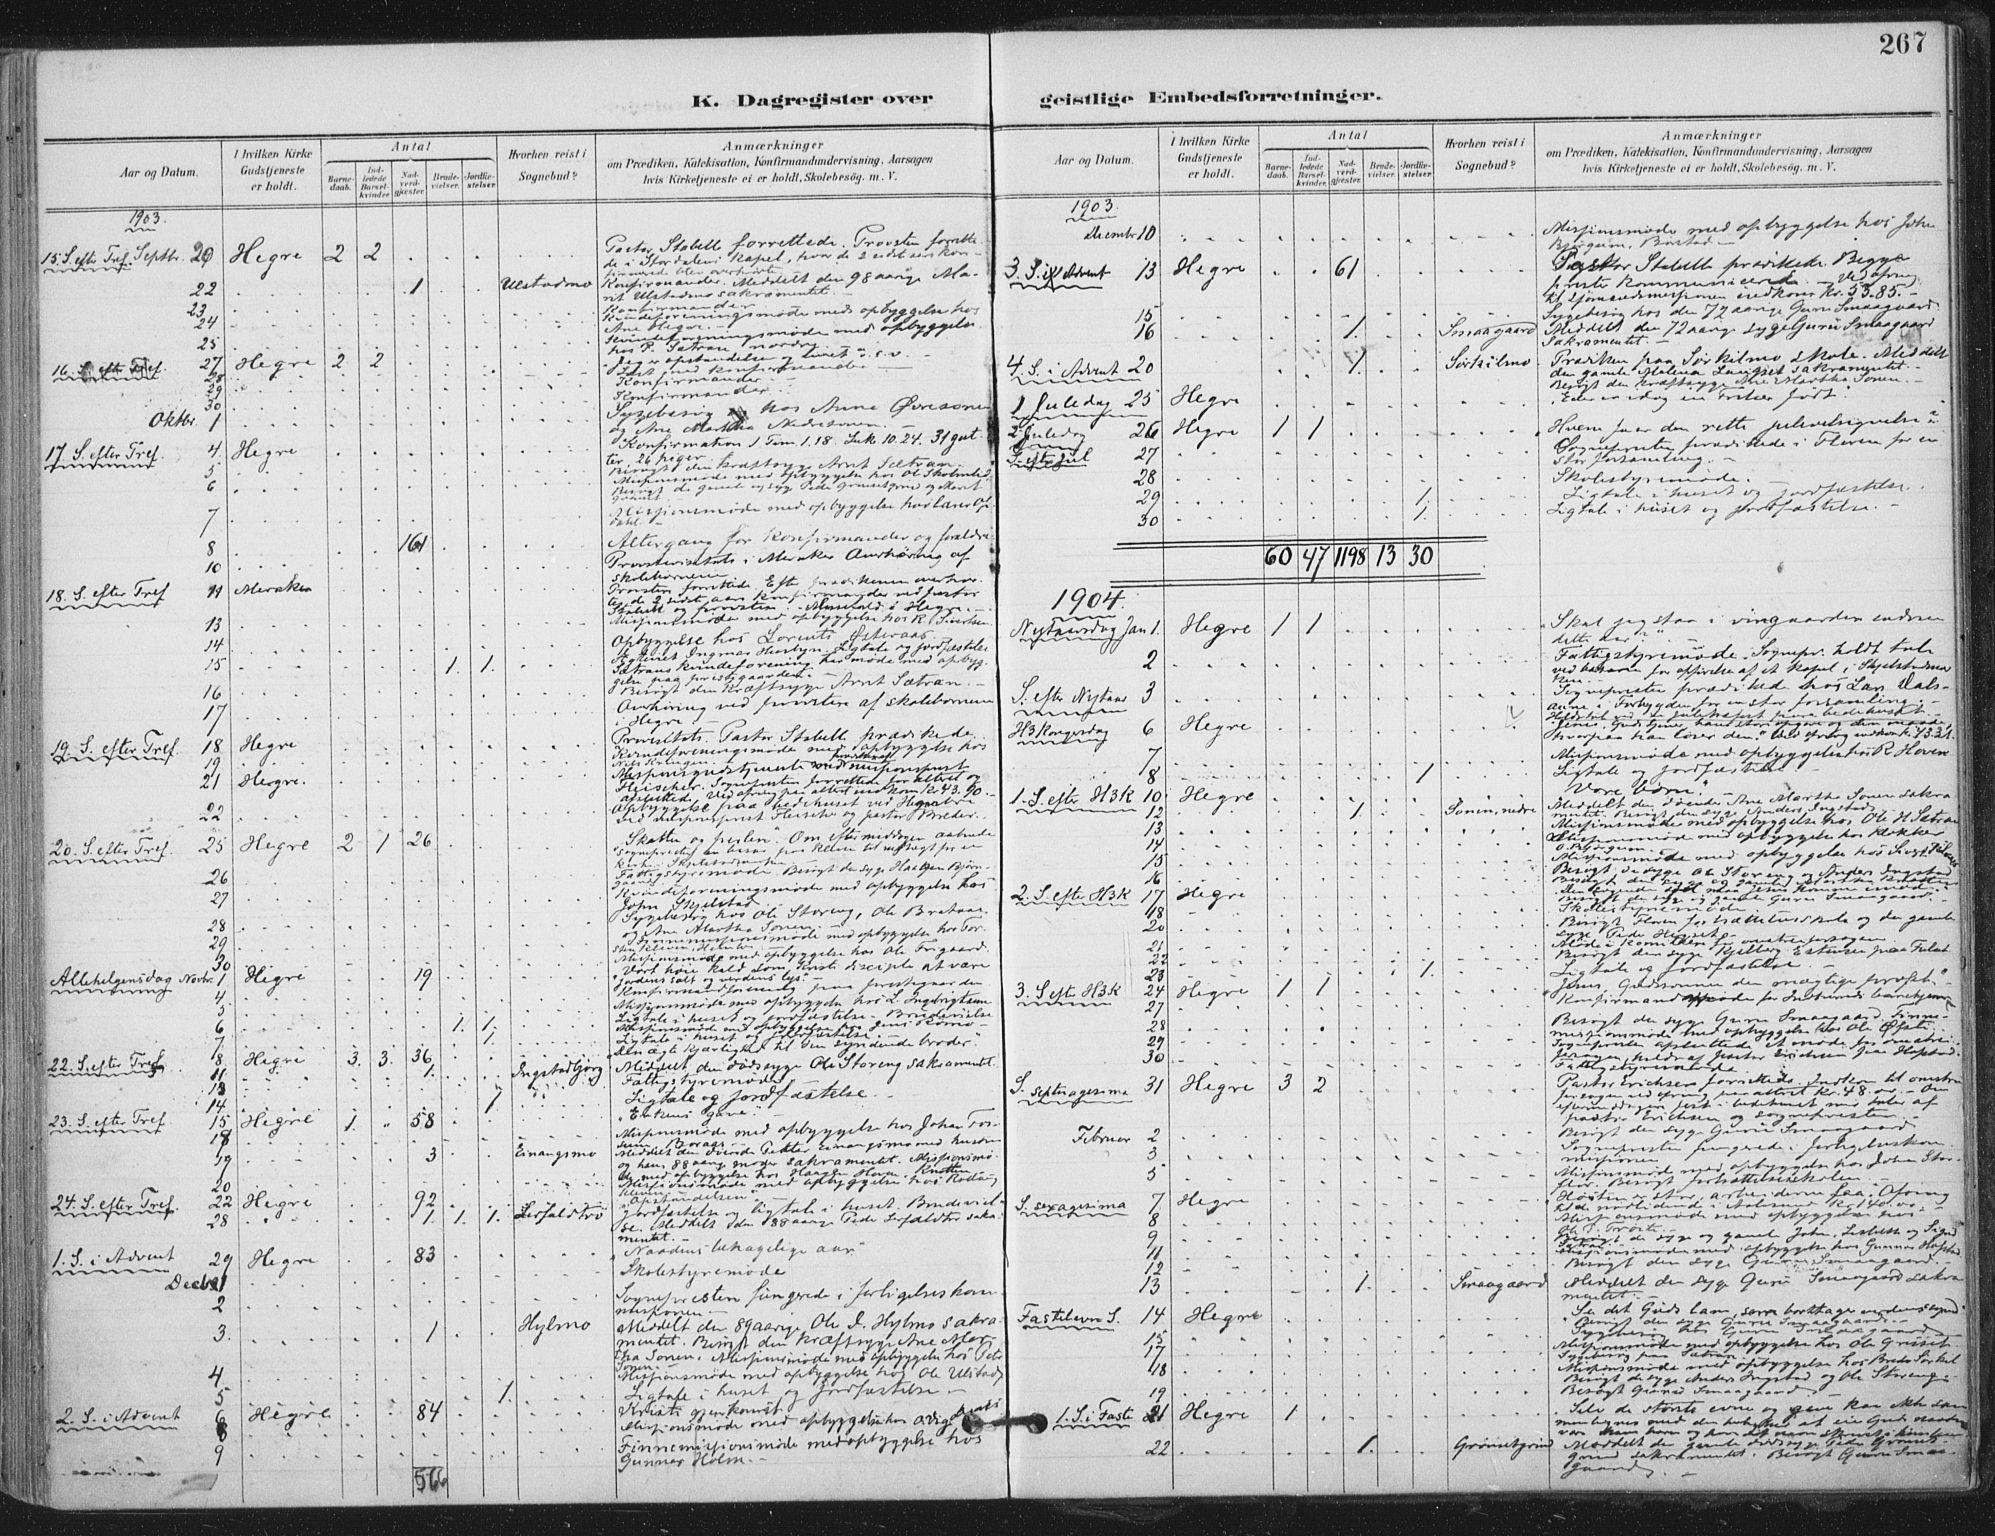 SAT, Ministerialprotokoller, klokkerbøker og fødselsregistre - Nord-Trøndelag, 703/L0031: Ministerialbok nr. 703A04, 1893-1914, s. 267